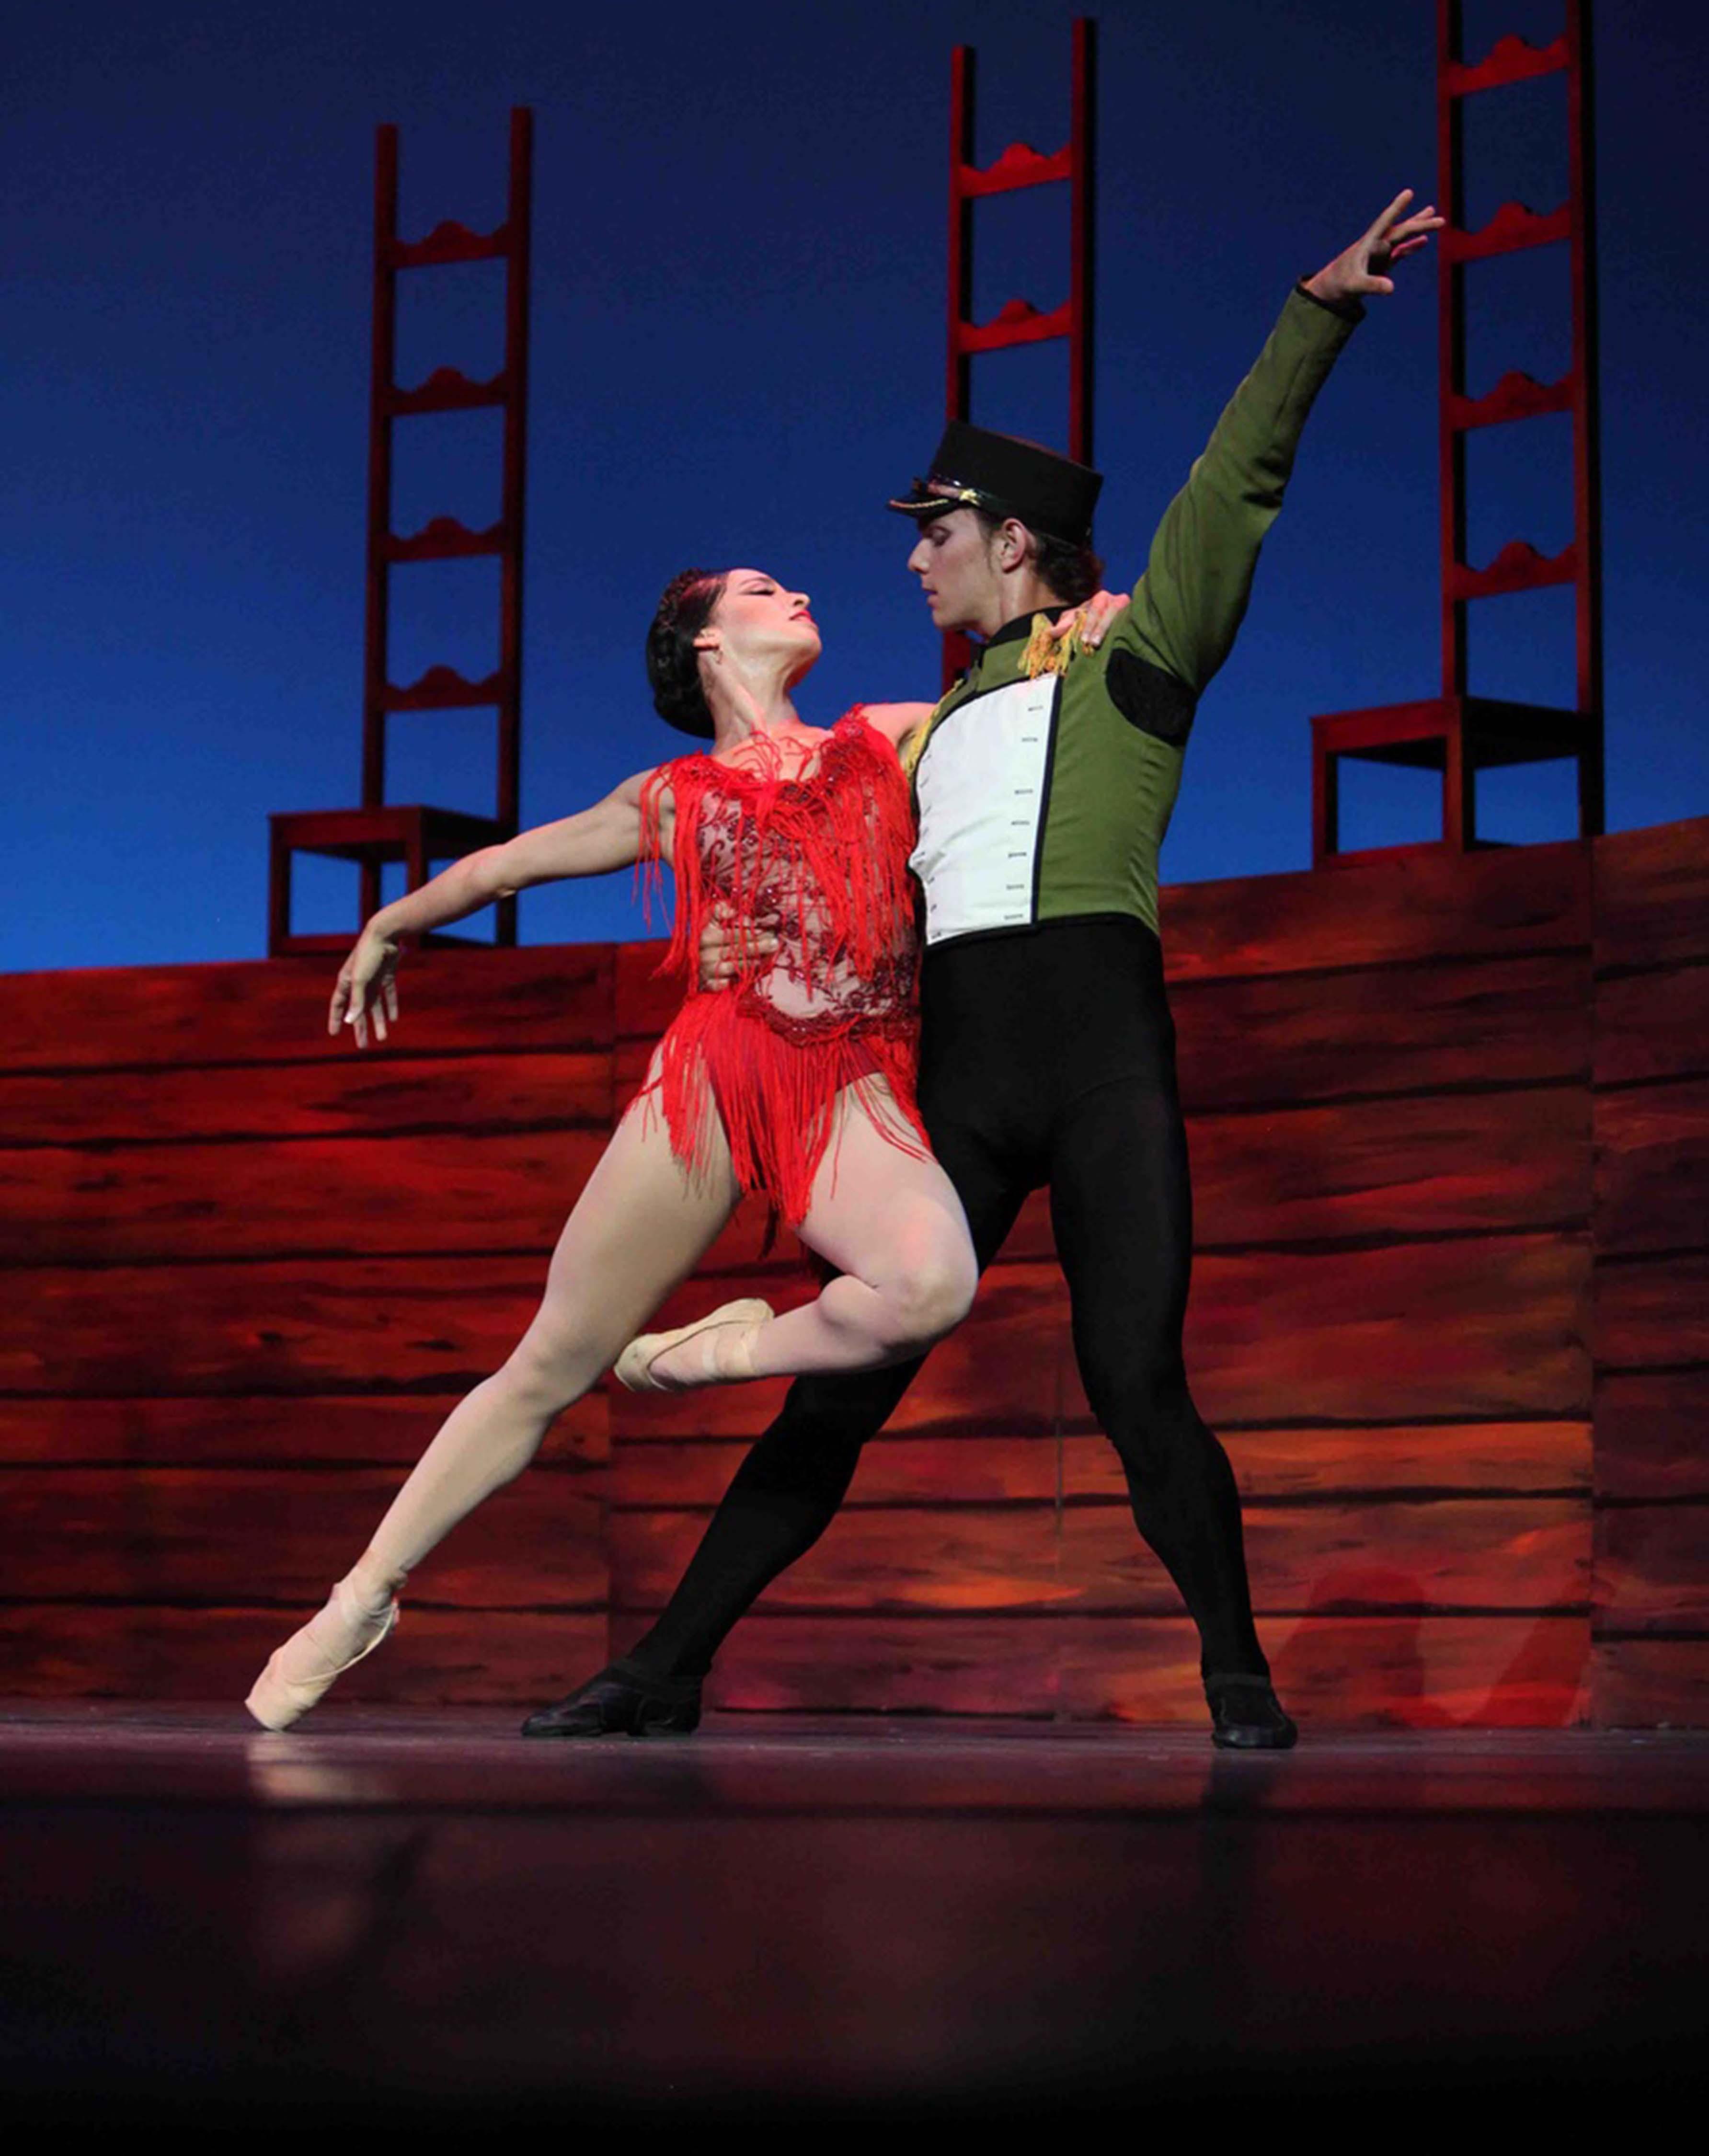 bailarines-cubanos-en-estados-unidos-y-china